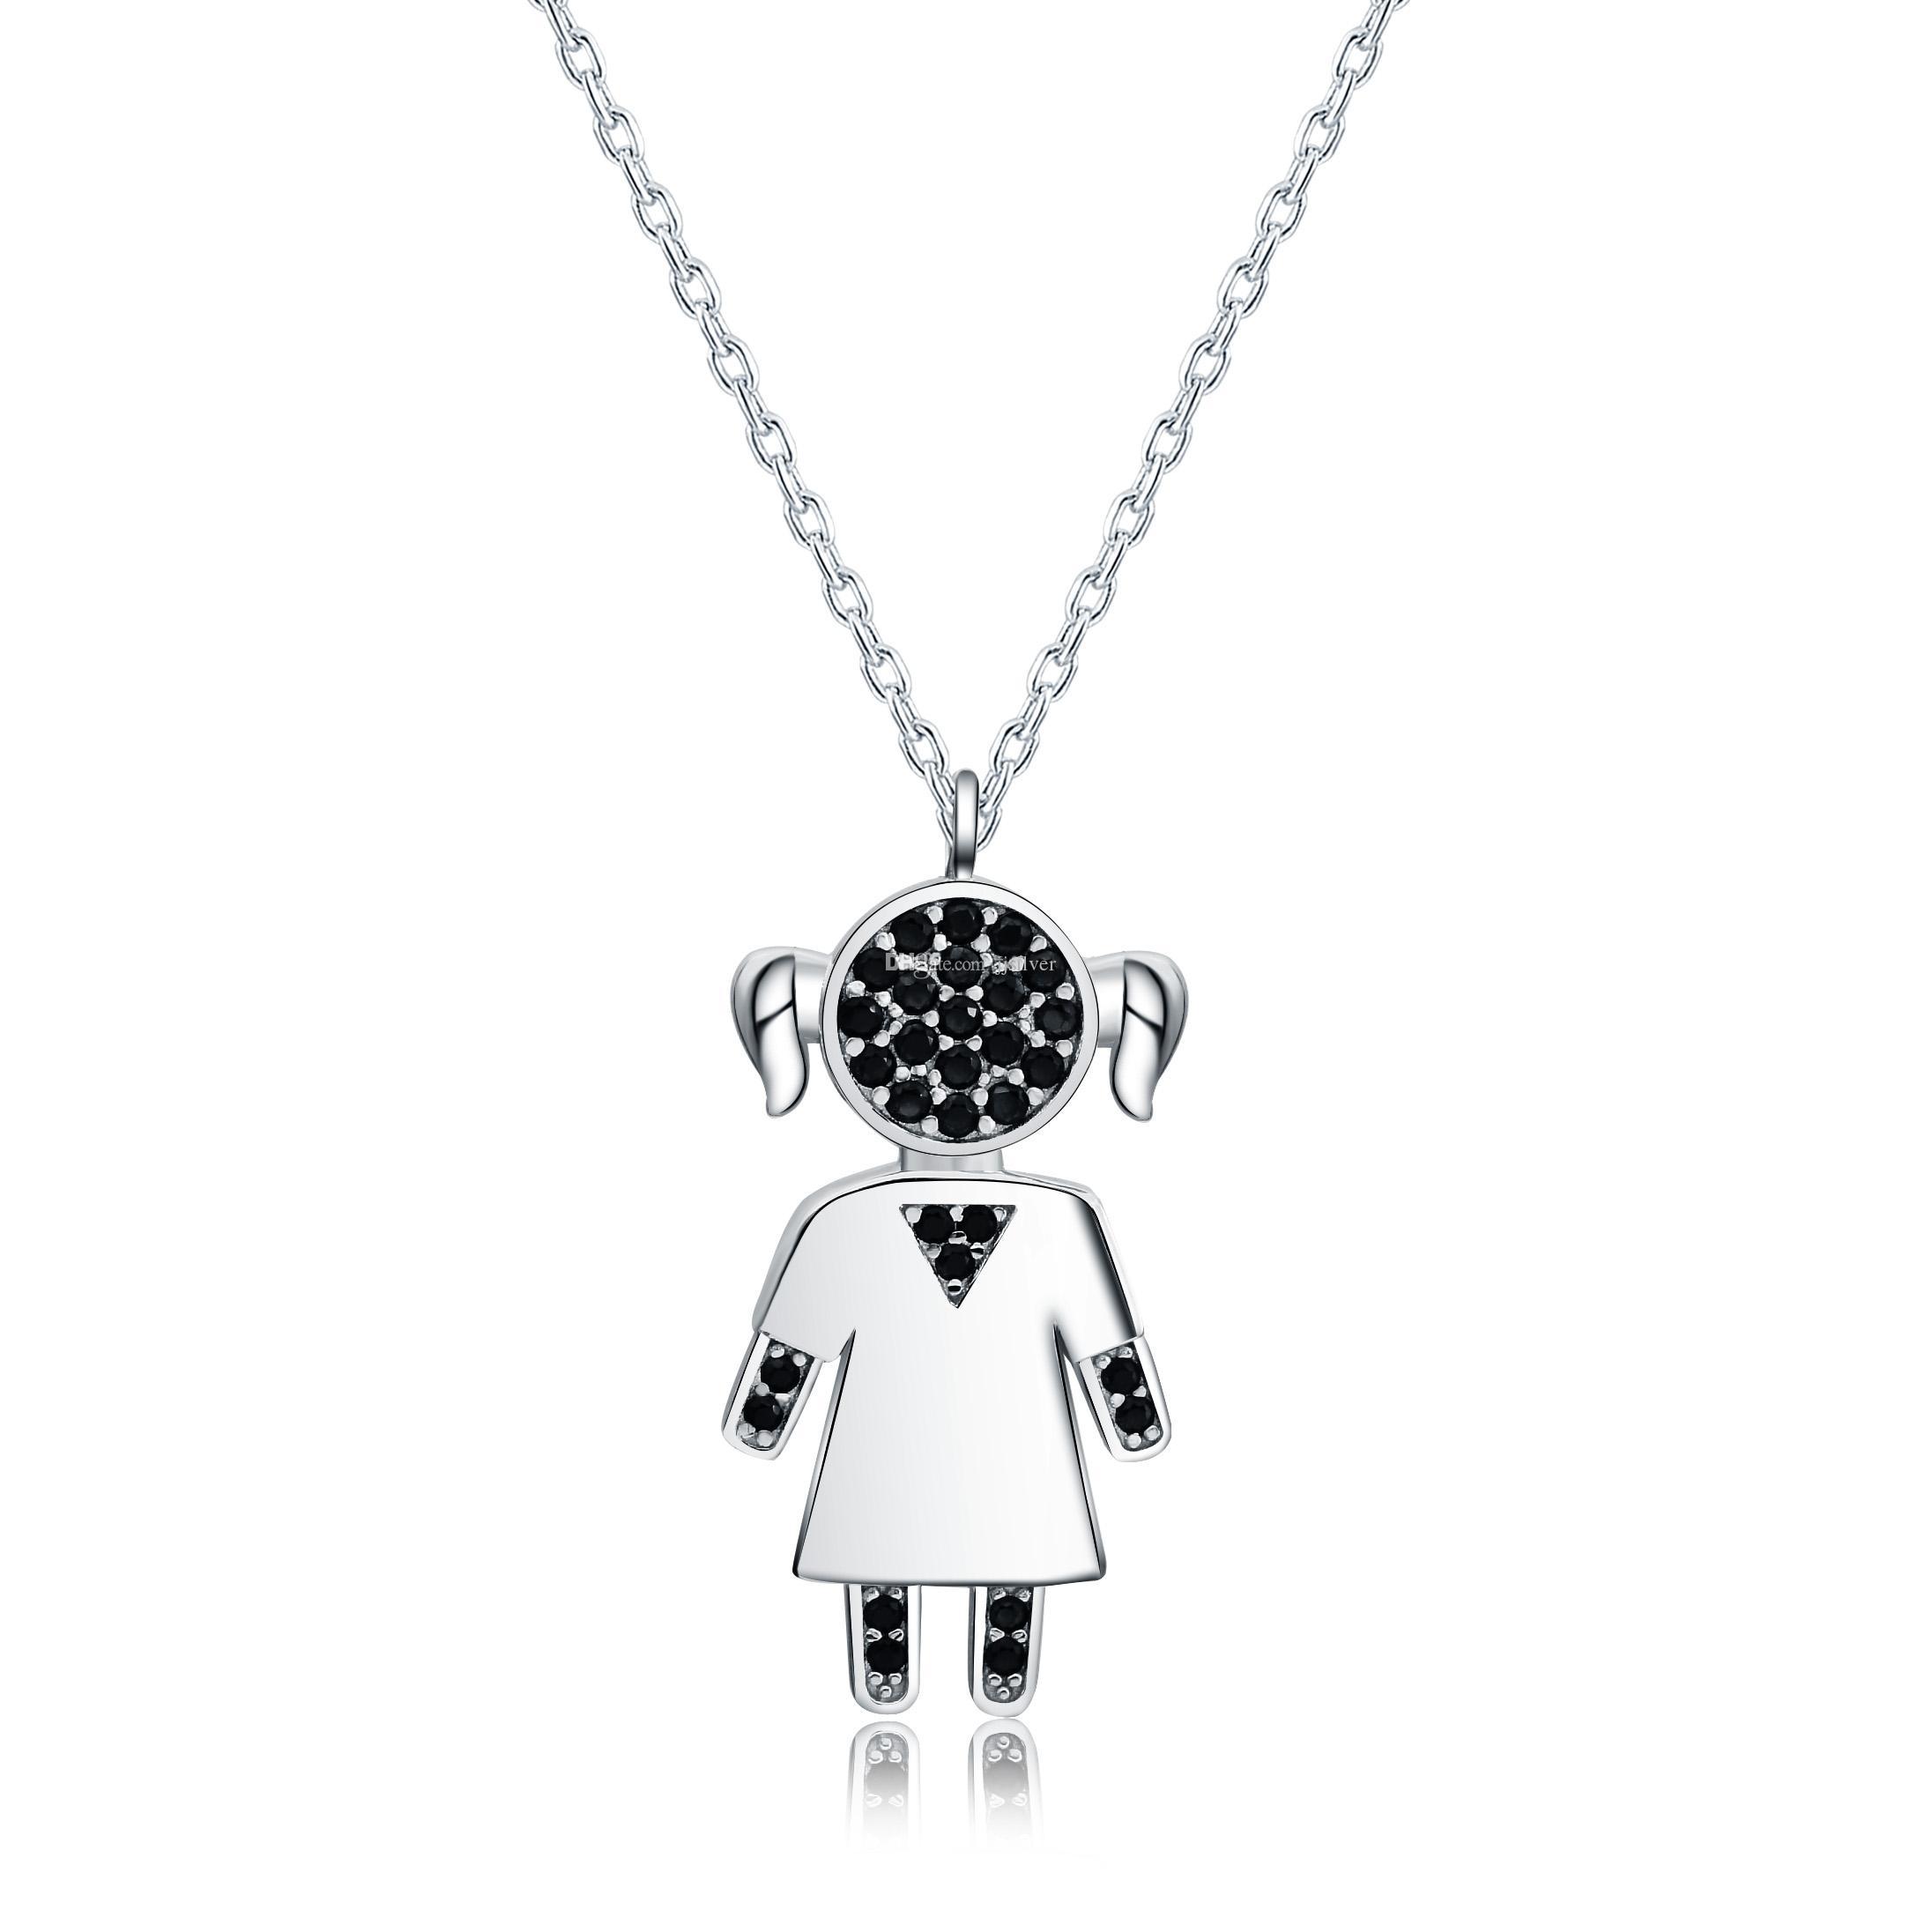 72c915b1bb36 Compre Collar De Plata Sólido Girl Girl Con Colgante Negro Zircon Collar De  Cadena Familiar Familiar Para Niños Sólo Para Mujeres Colgante Sin Cadena A  ...